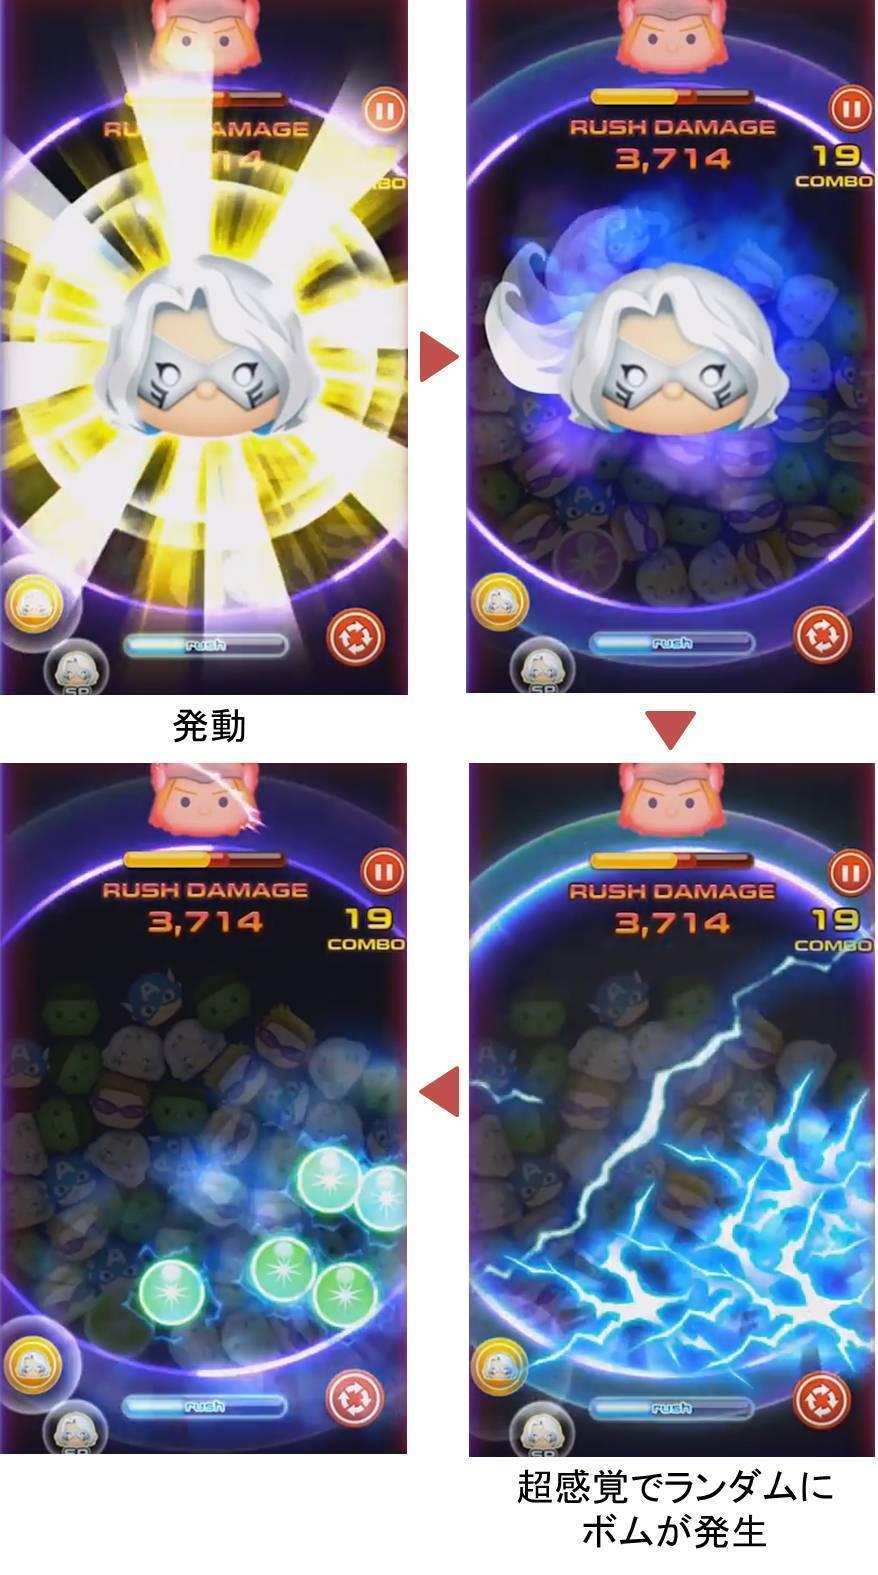 マーベルツムツム ランキング ホワイトフォックス スペシャル トラッキングセンス.jpg